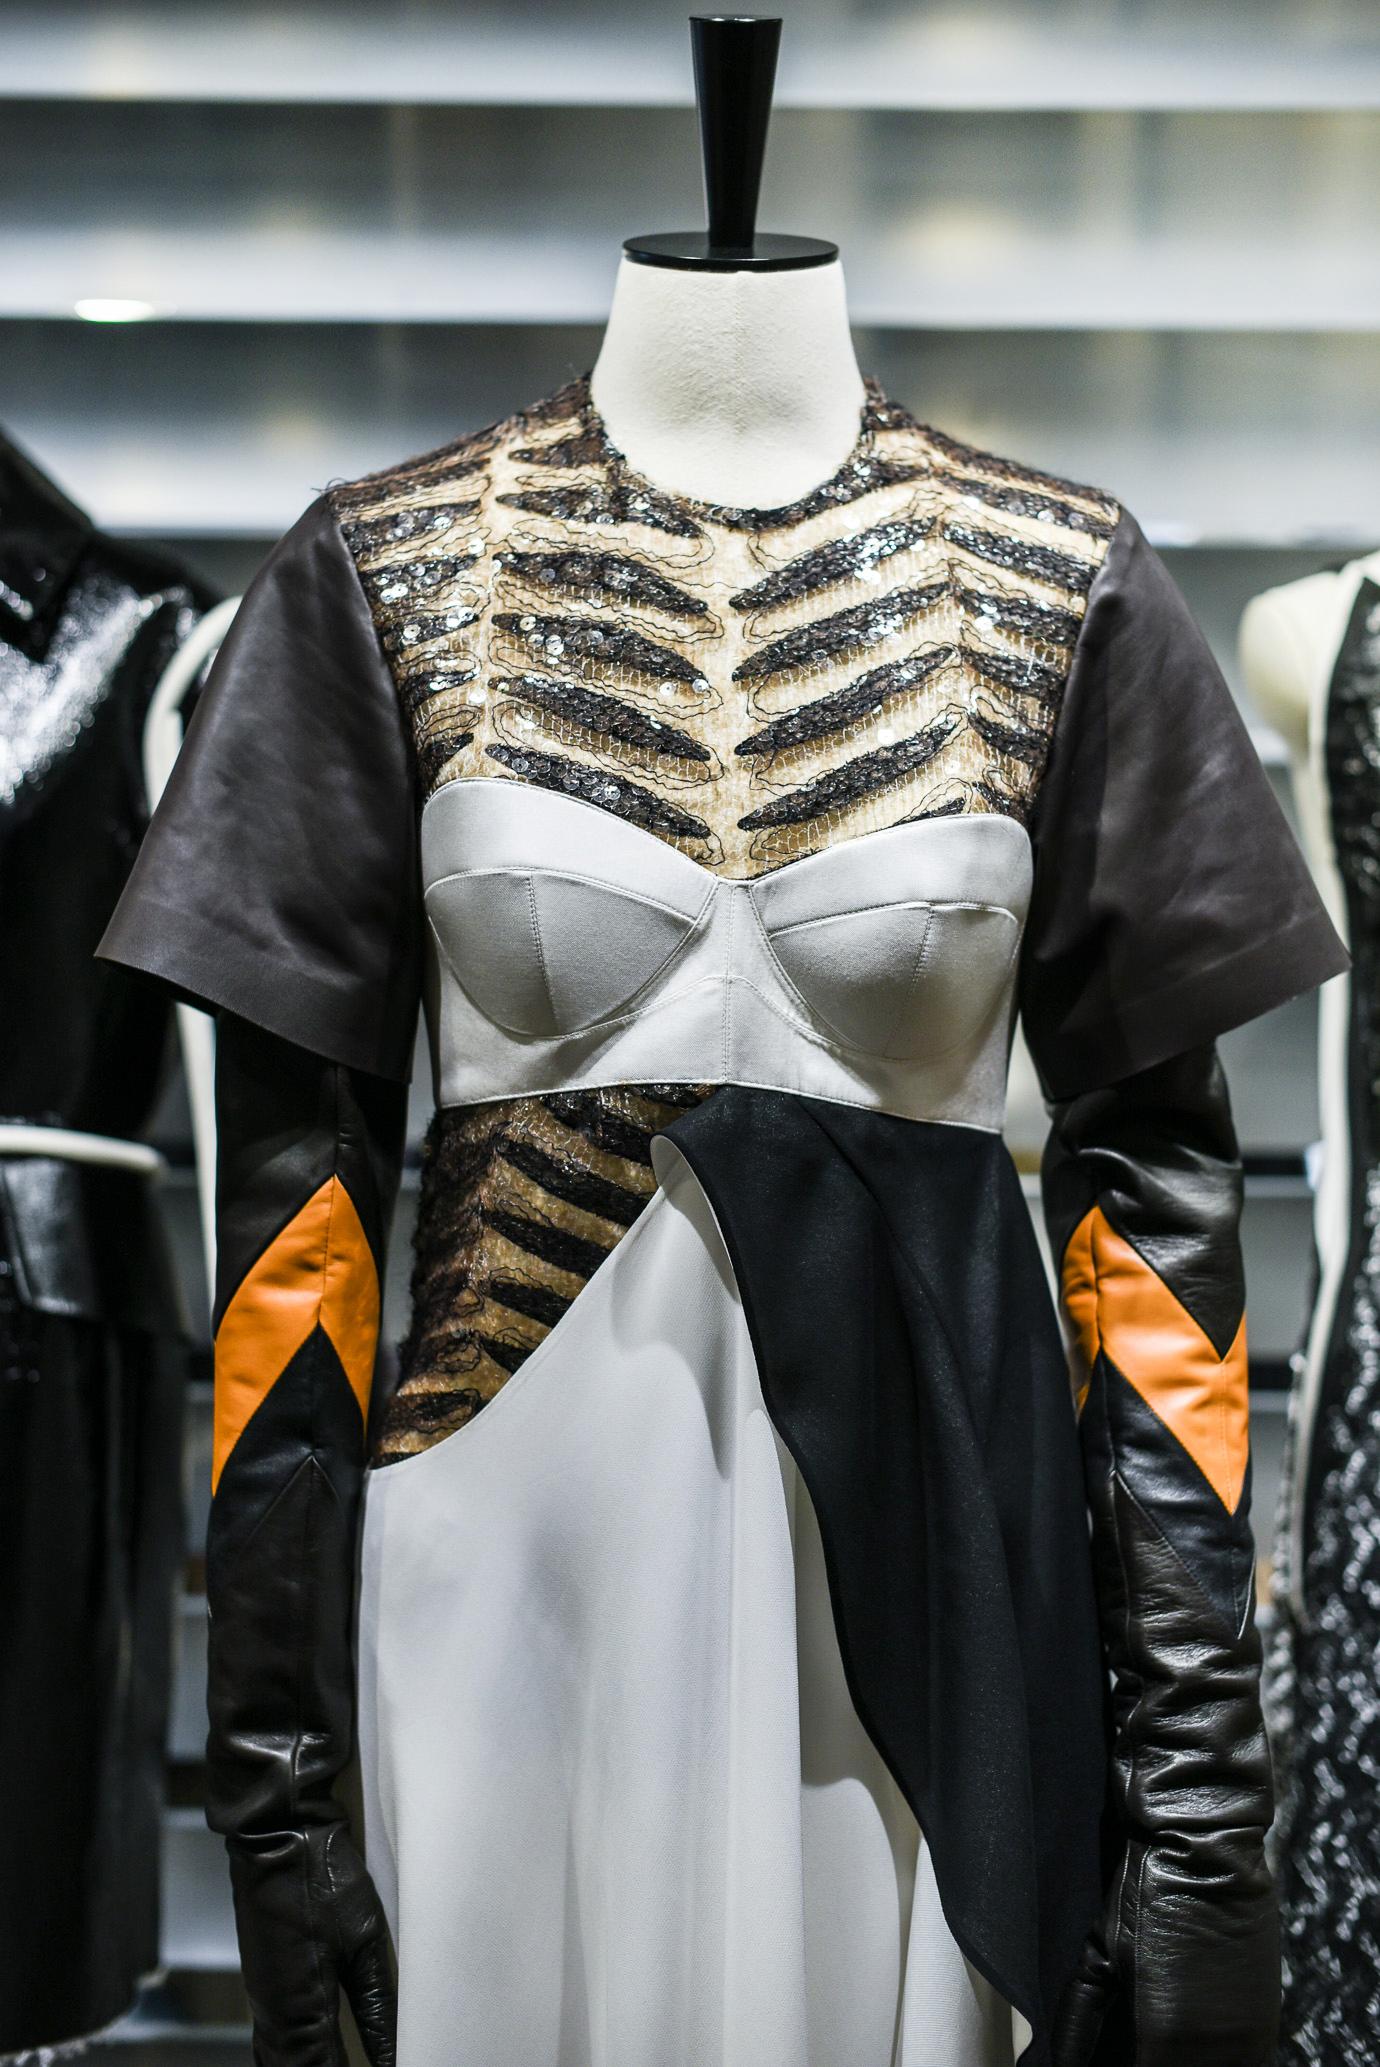 Louis_Vuitton_AW_16_17_Collection_10